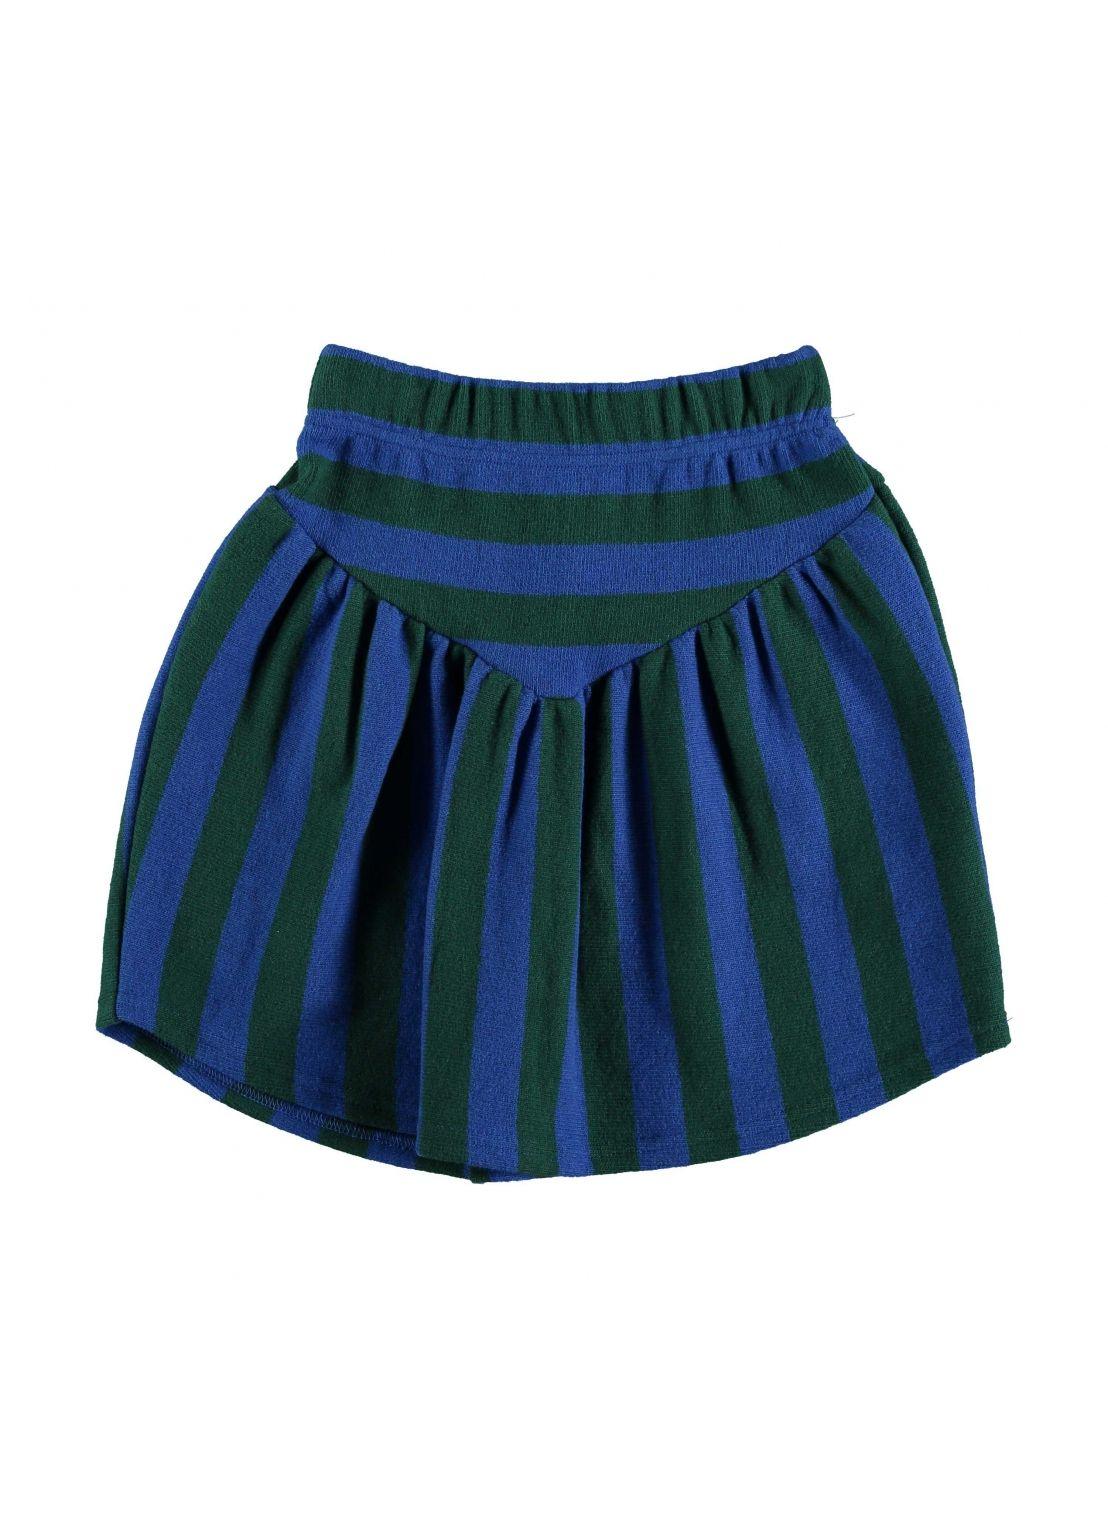 Kit SKIRT Girl- 70% CO 20% PC 3% VI 2%PA 2% EA - knitted